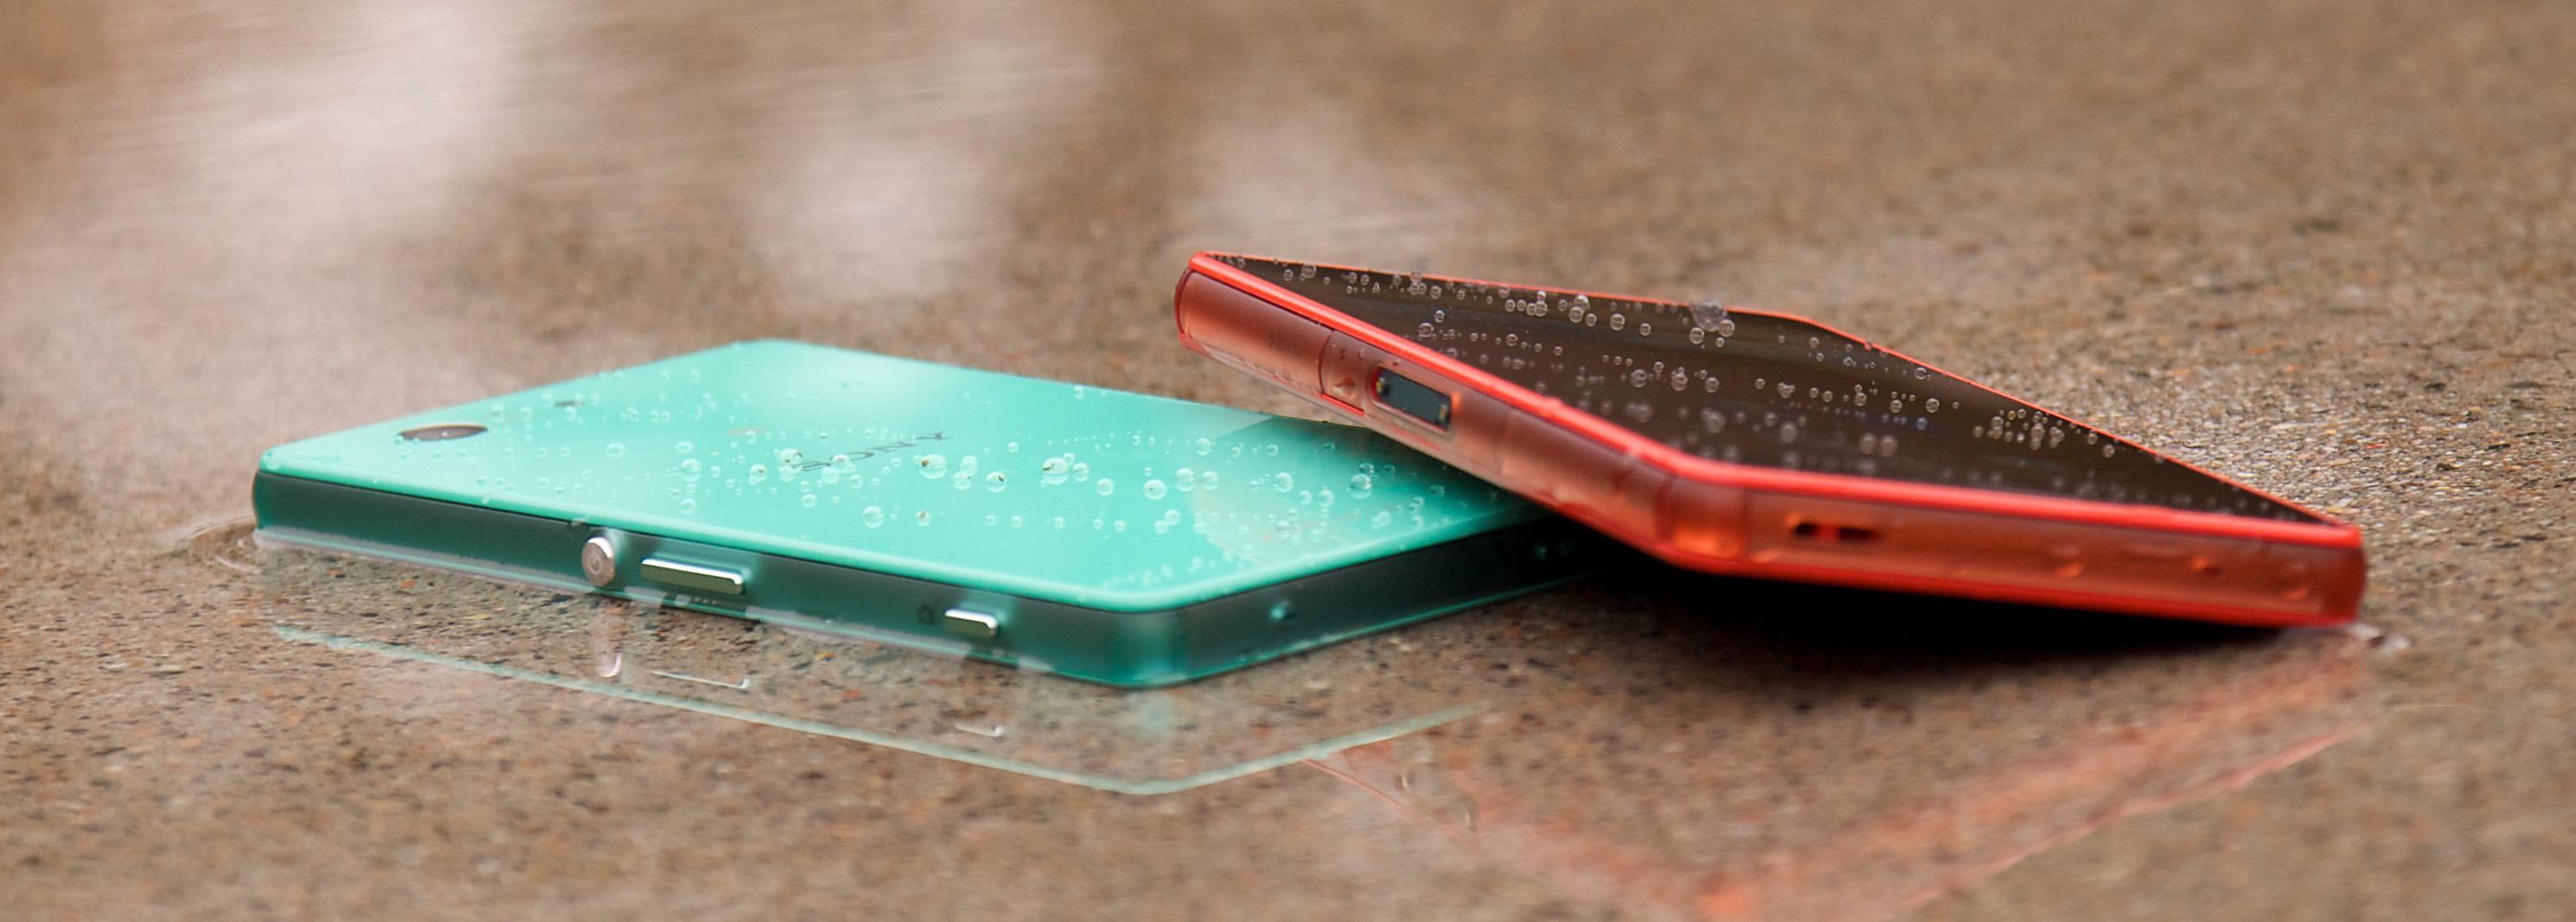 Sony Xperia Z3 Compact kan noe hverken Samsung Galaxy Alpha, eller Apples iPhone 6 kan; den kan bade. Sony fortsetter å satse på vanntette telefoner.Foto: Kurt Lekanger, Tek.no